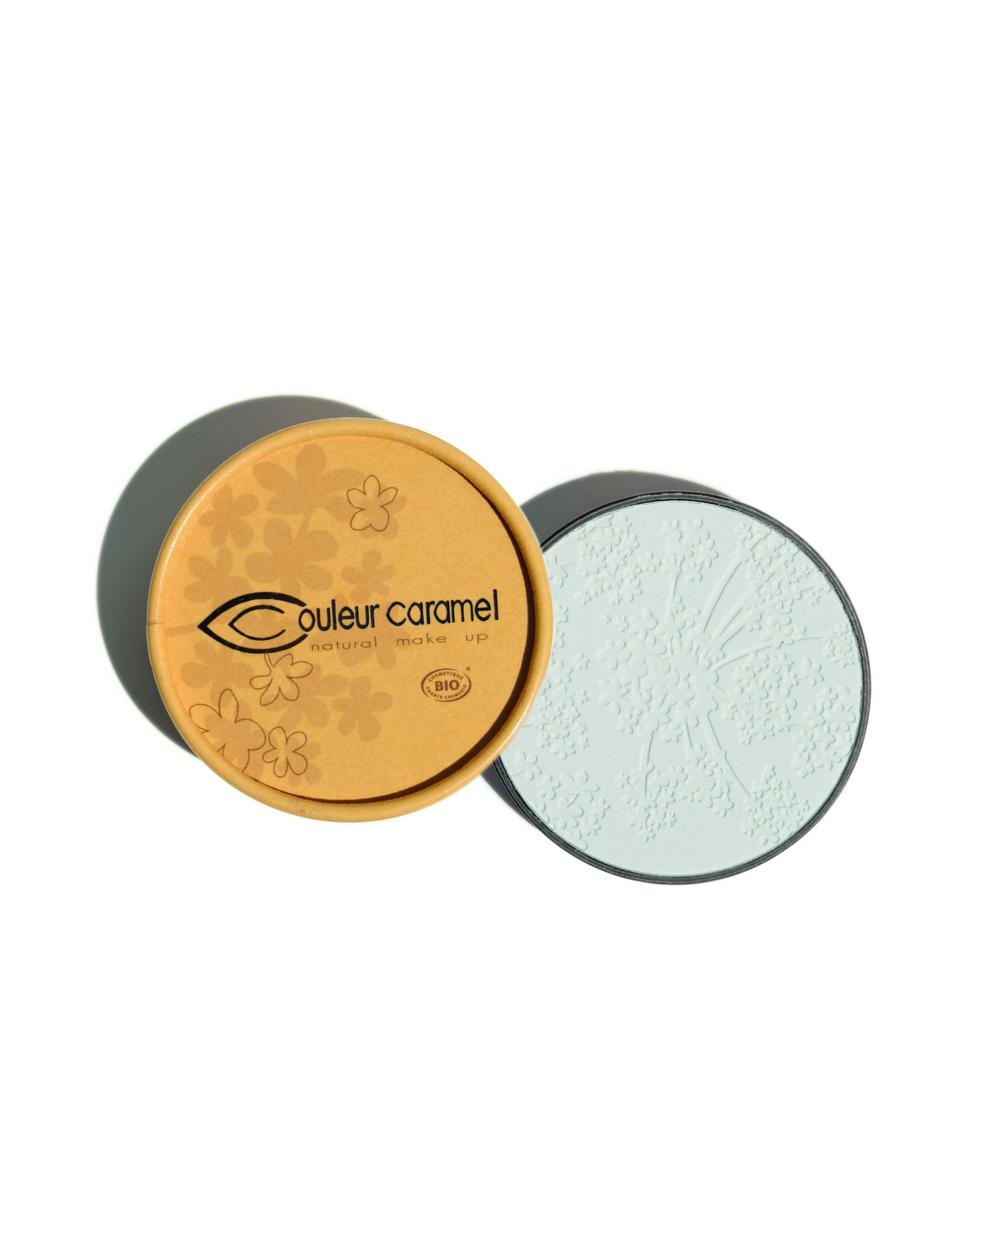 Poudre compacte invisible universelle couleur caramel 111230 embellissetvous fr